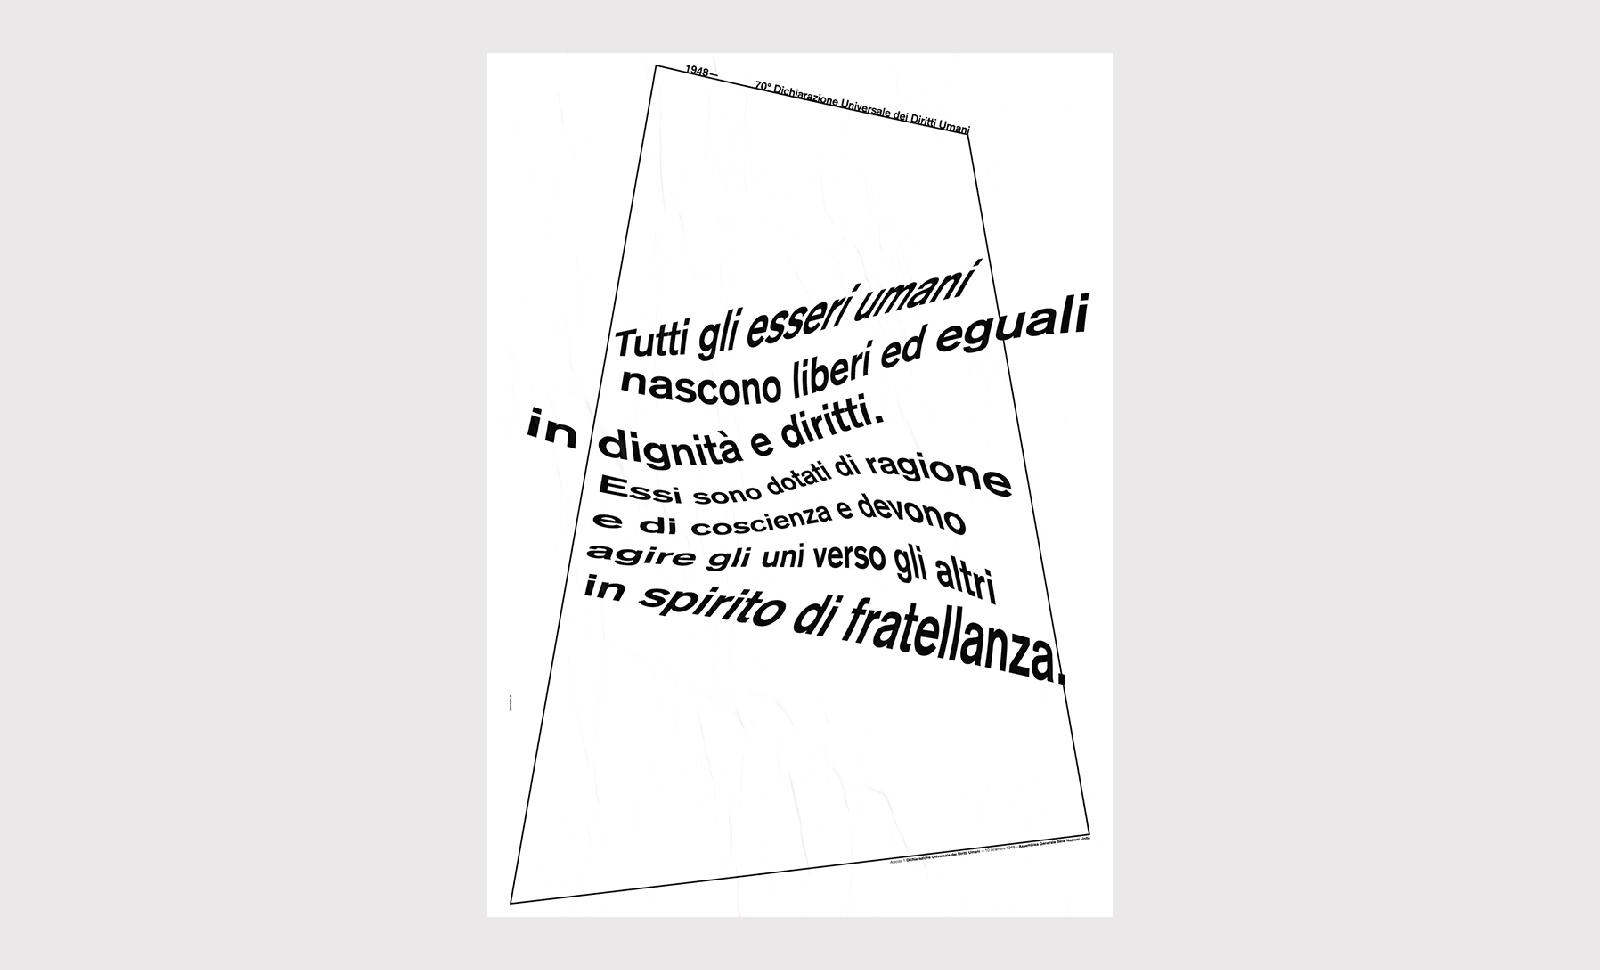 Gianni Latino, Liberi ed eguali, 70x100 cm, 2019